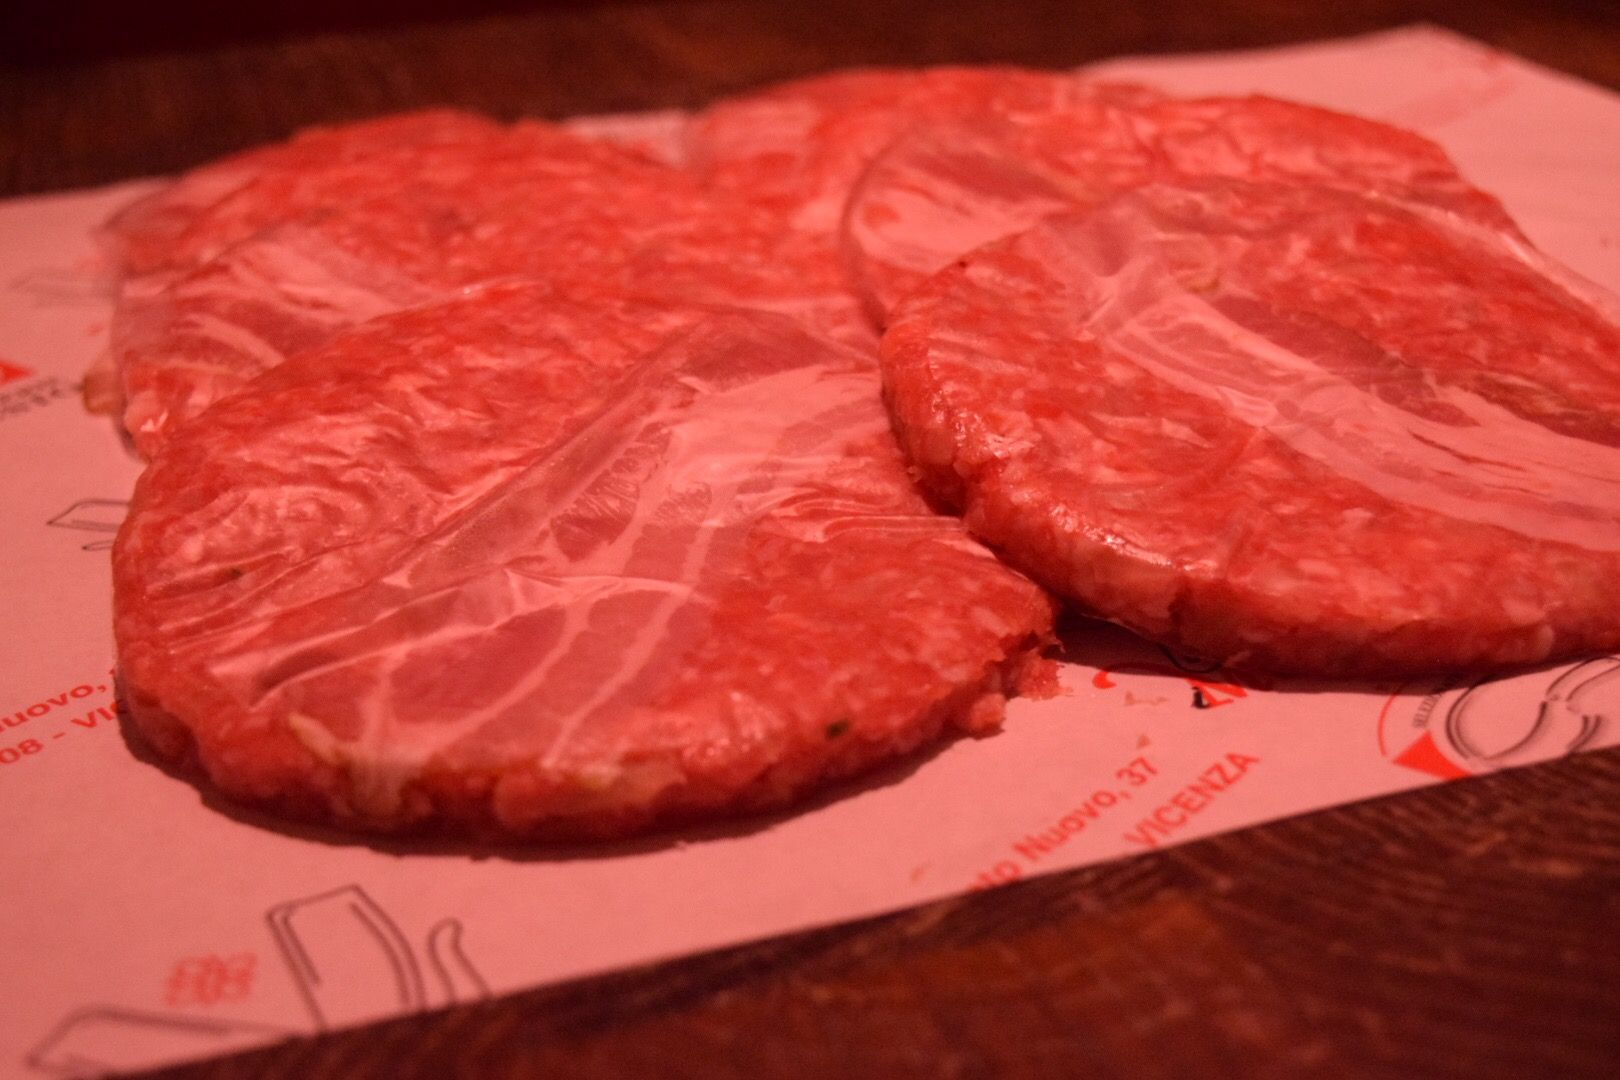 Nuova offerta: Hamburger con cipolla e bacon - Vicenza - I Macellai Vicenza